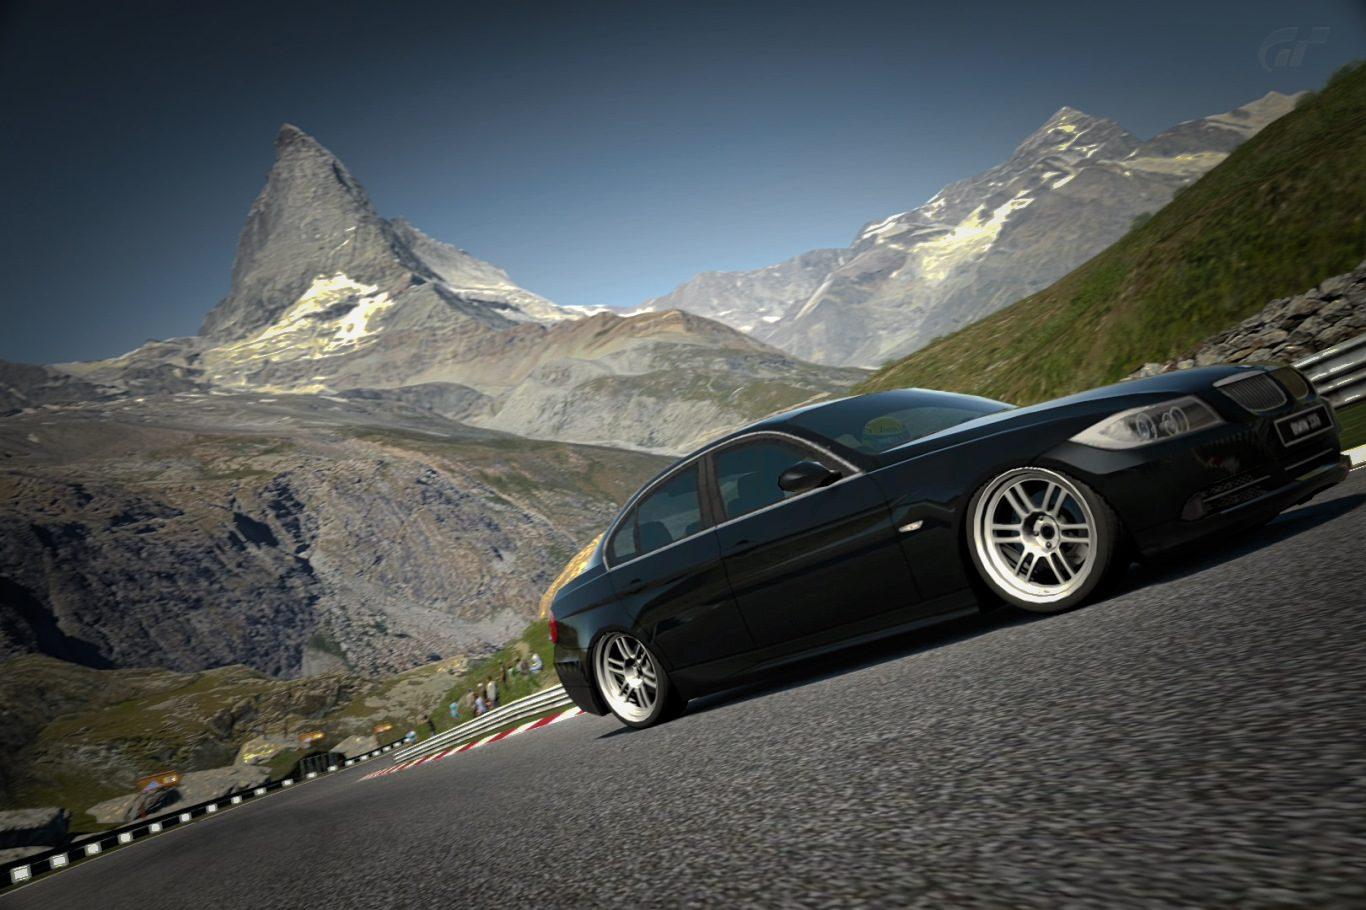 Matterhorn Dristelen _1l.jpg